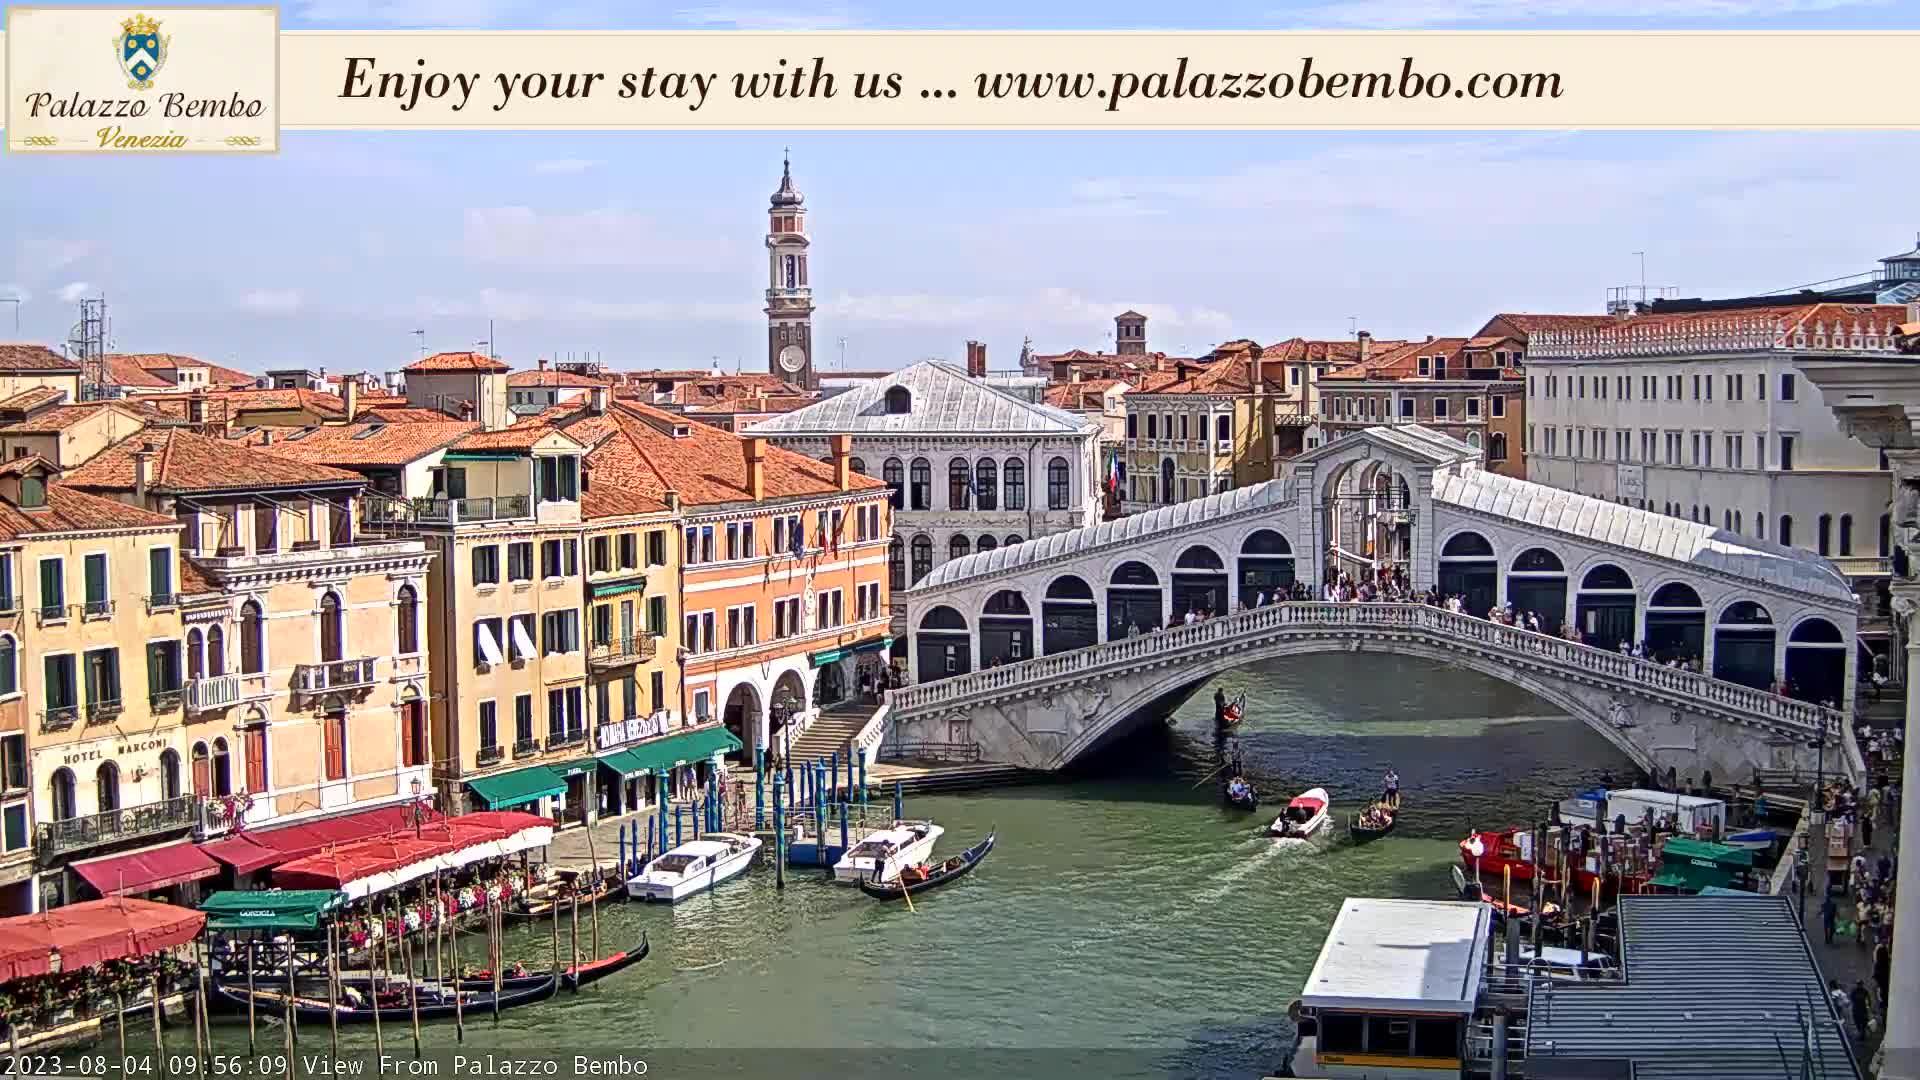 Venice Mon. 09:56